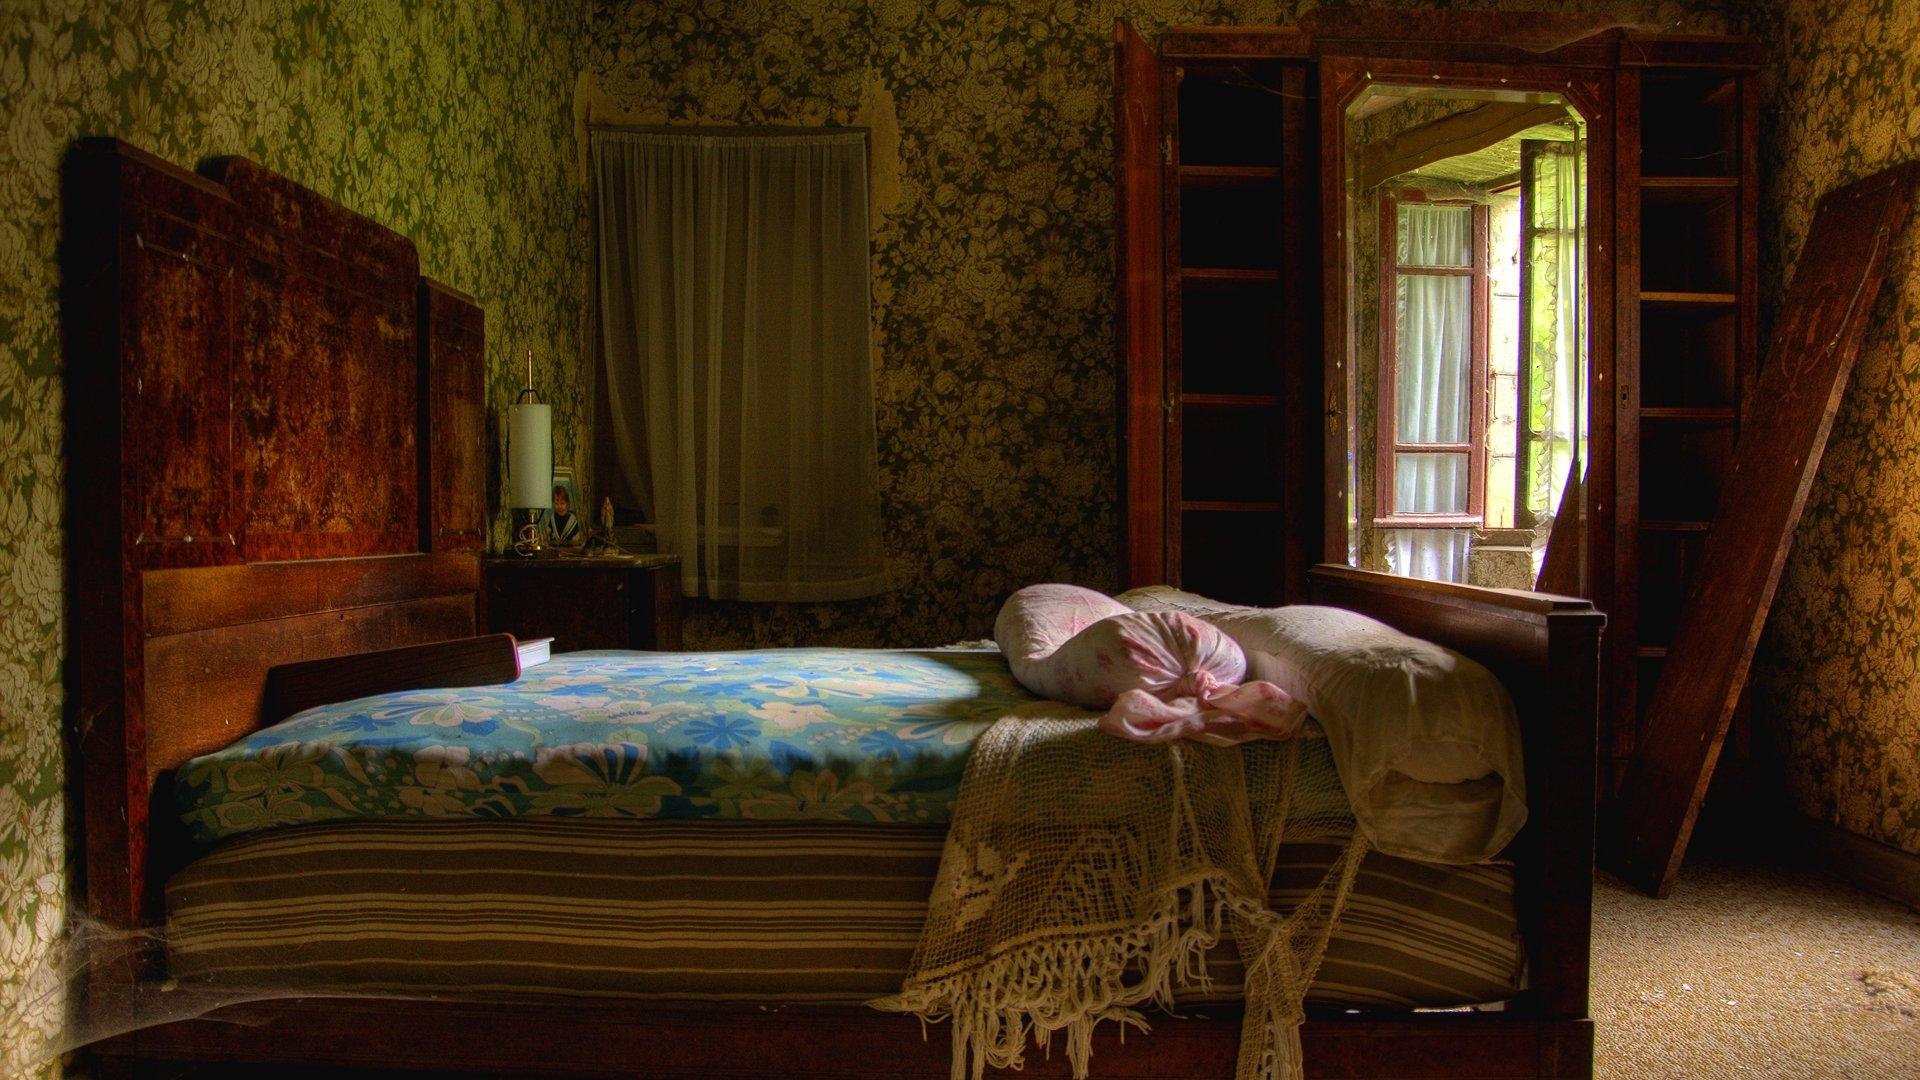 Download Wallpaper 1920x1080 Bedroom Antique Bed